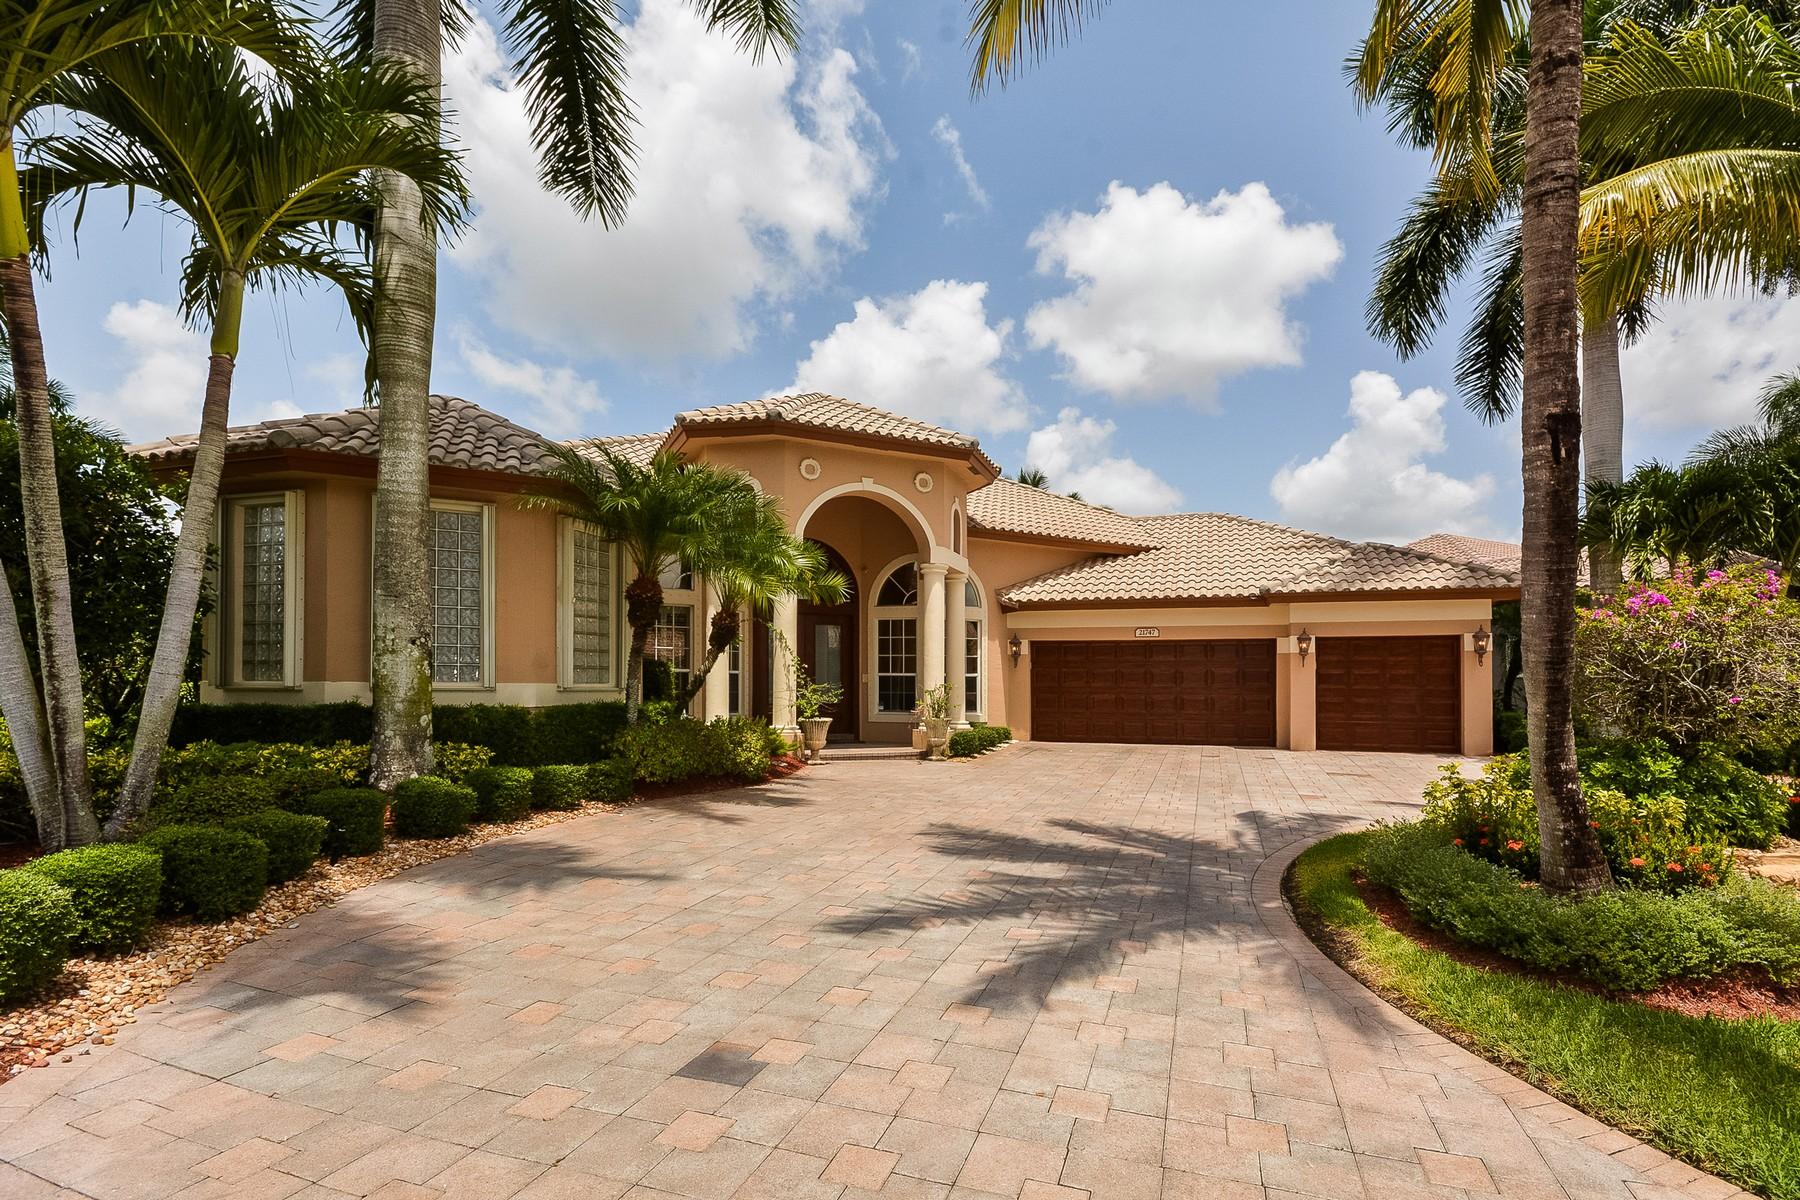 獨棟家庭住宅 為 出售 在 21747 Fall River Dr , Boca Raton, FL 33428 21747 Fall River Dr Boca Raton, 佛羅里達州 33428 美國